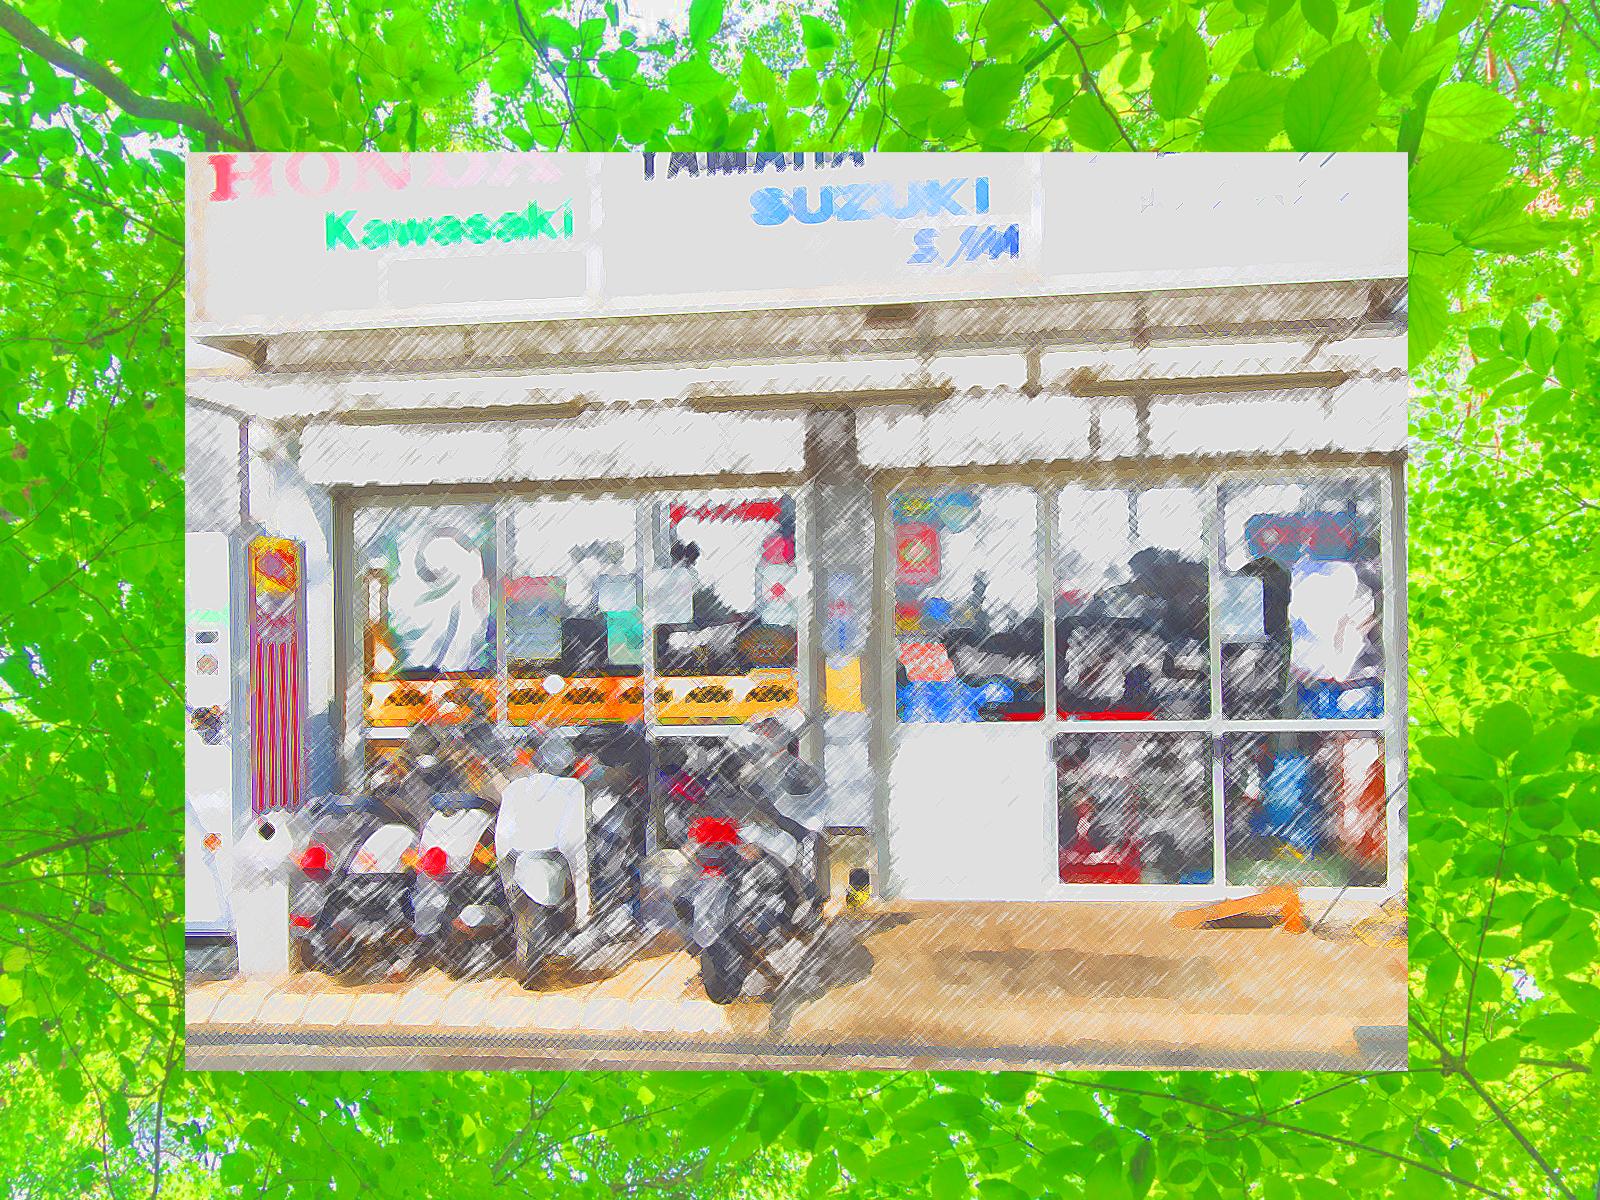 SUPER MOTO LINK (スーパーモトリンク)